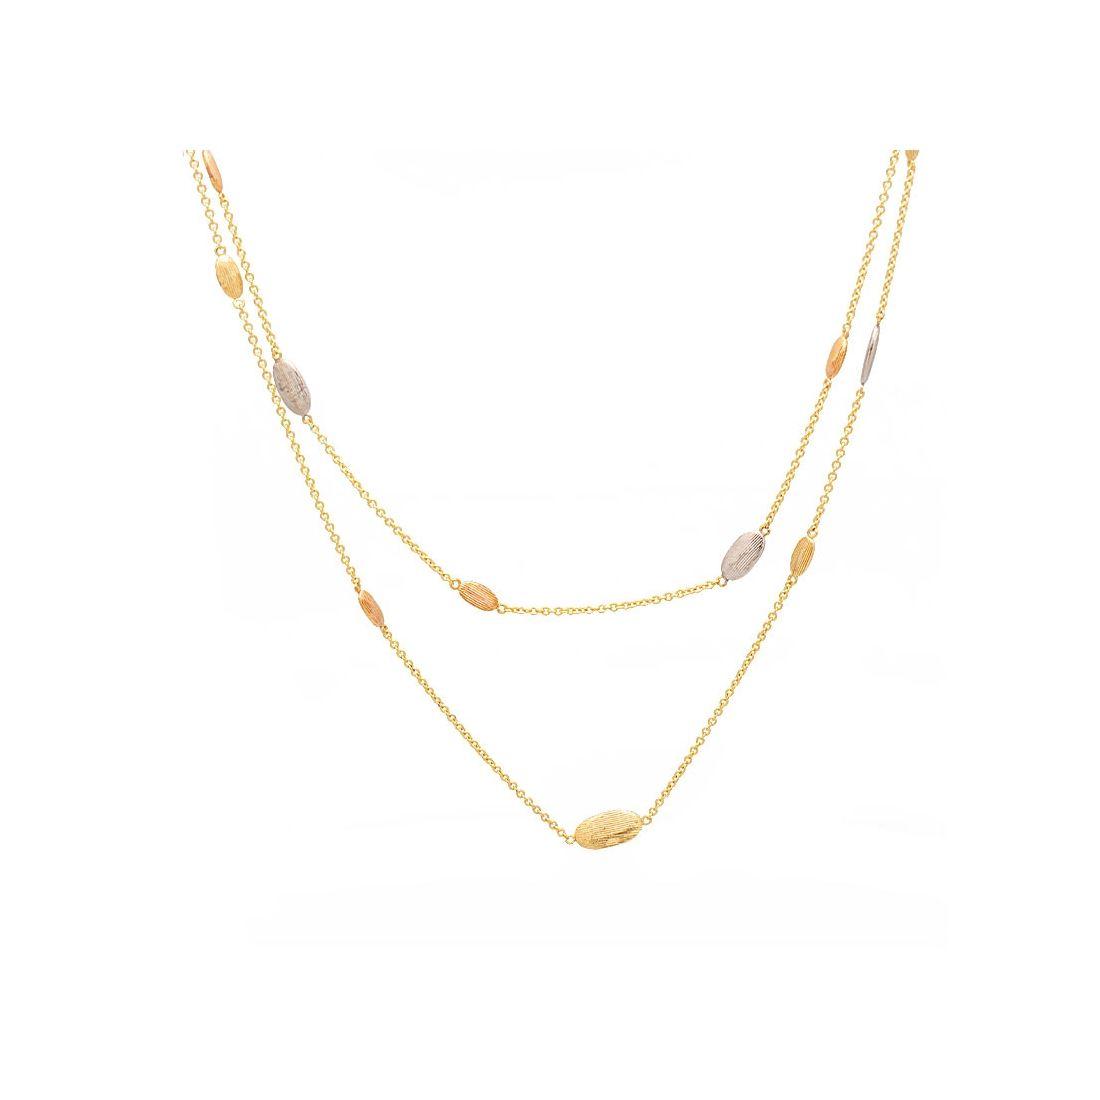 Gargantilla de oro tricolor  - 1